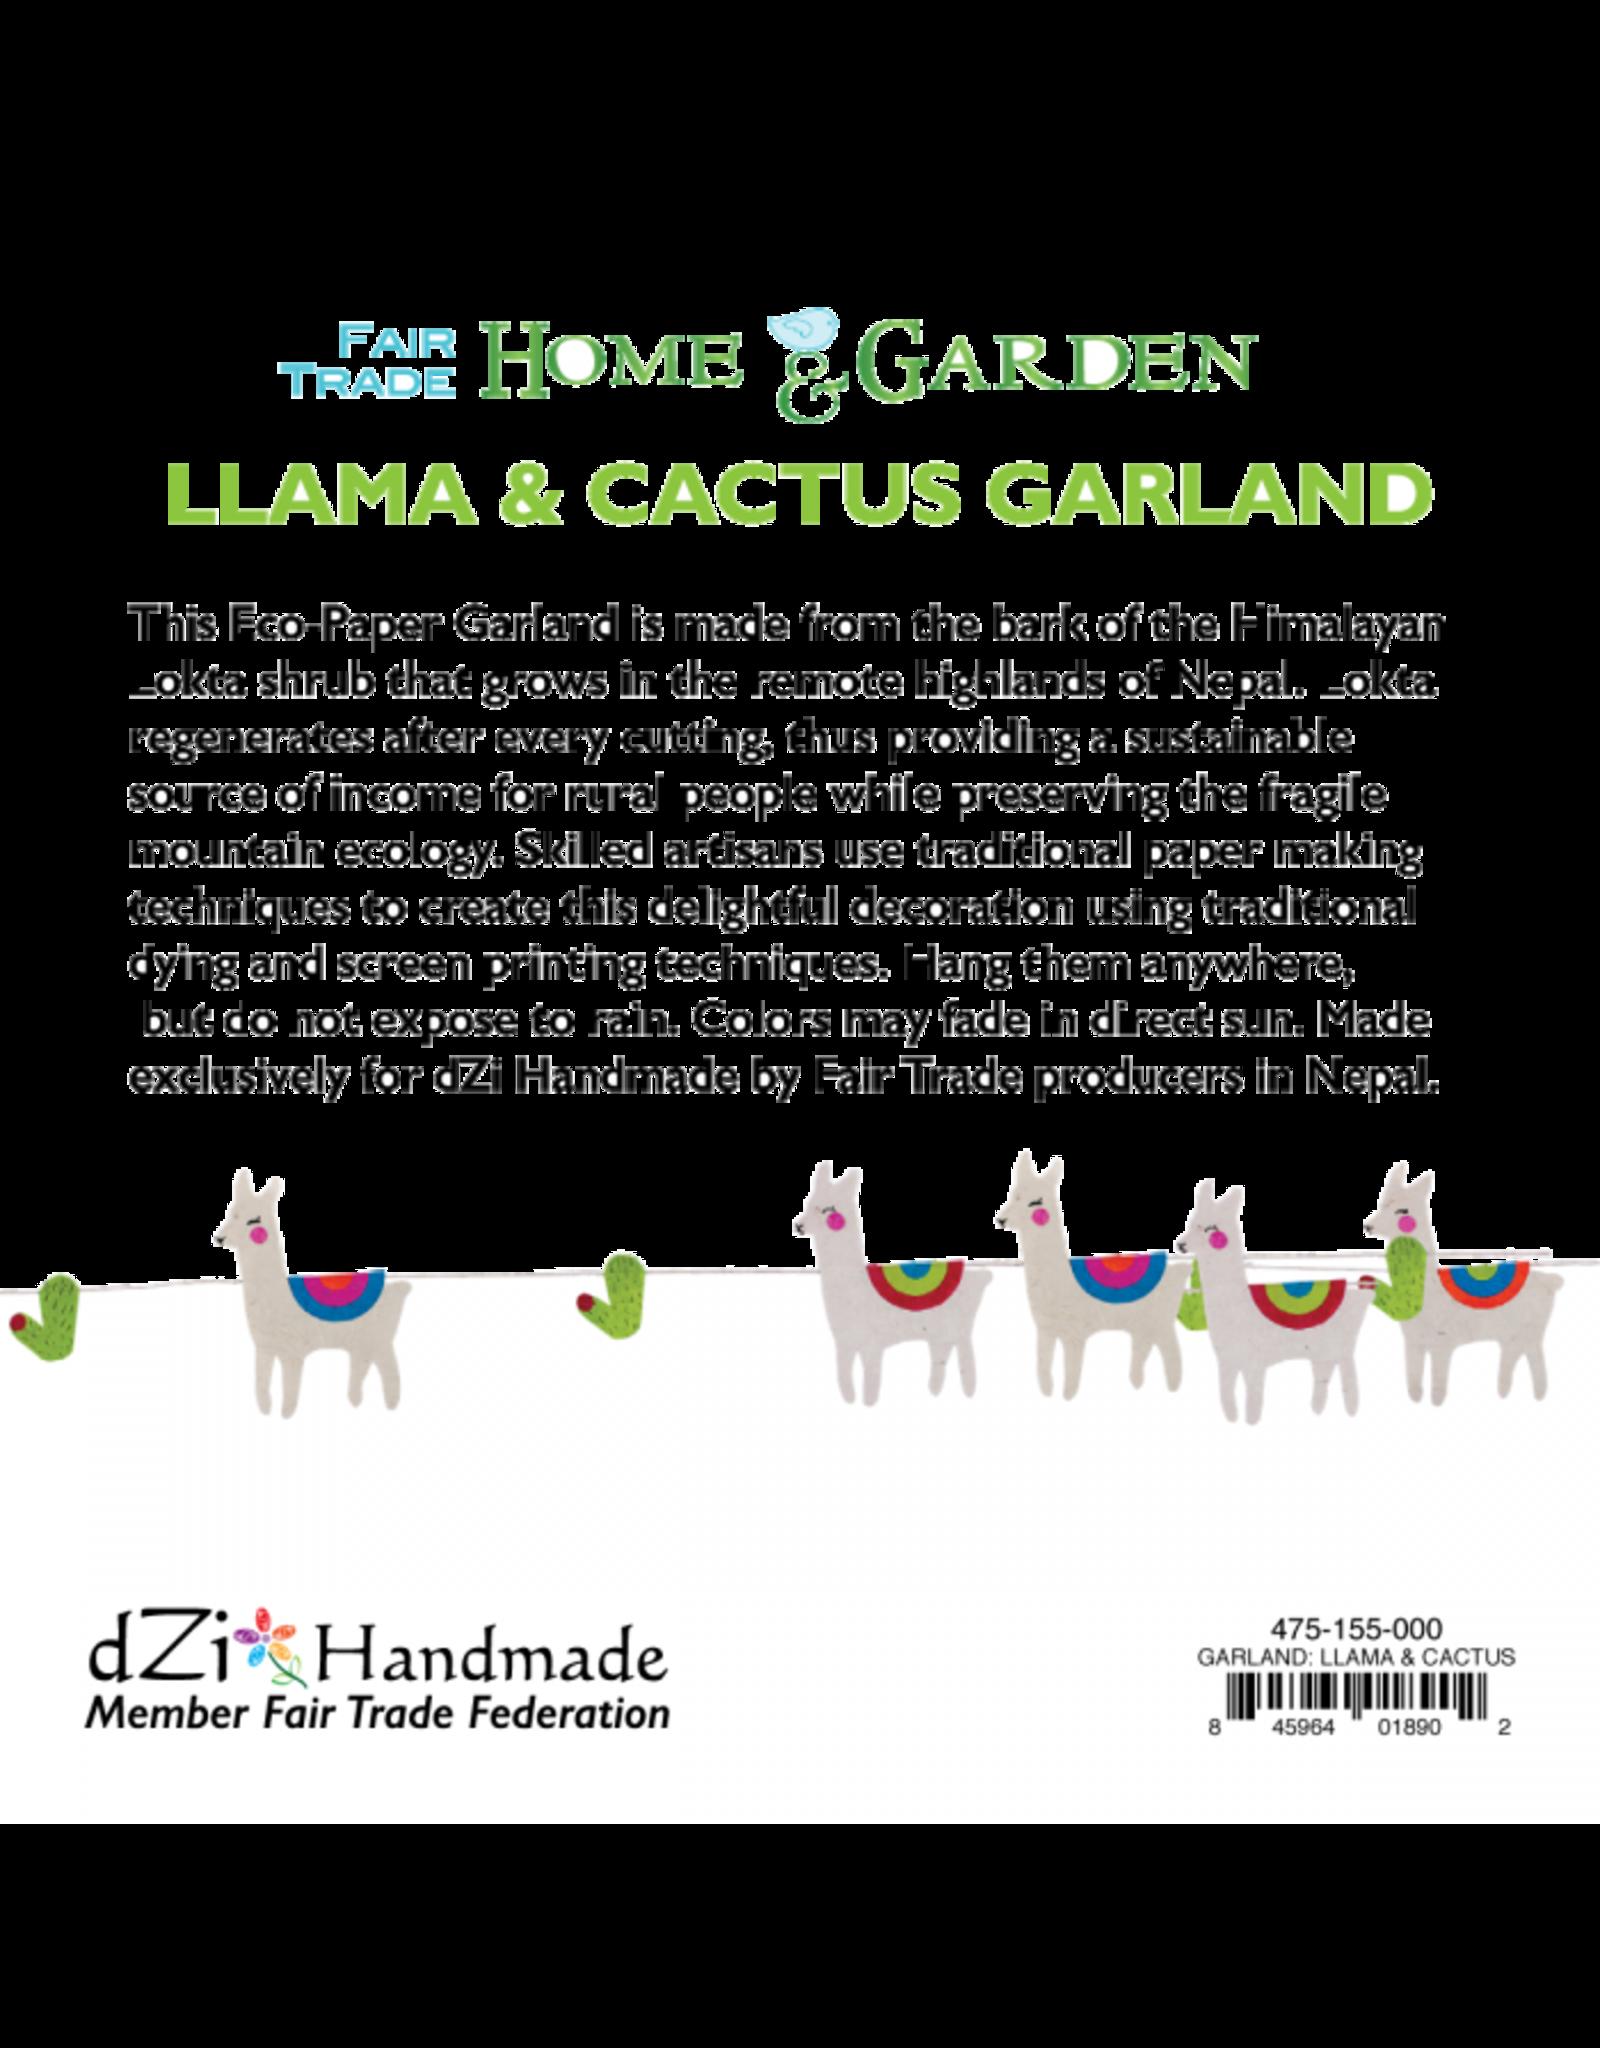 Garland,  Llama and Cactus, Nepal